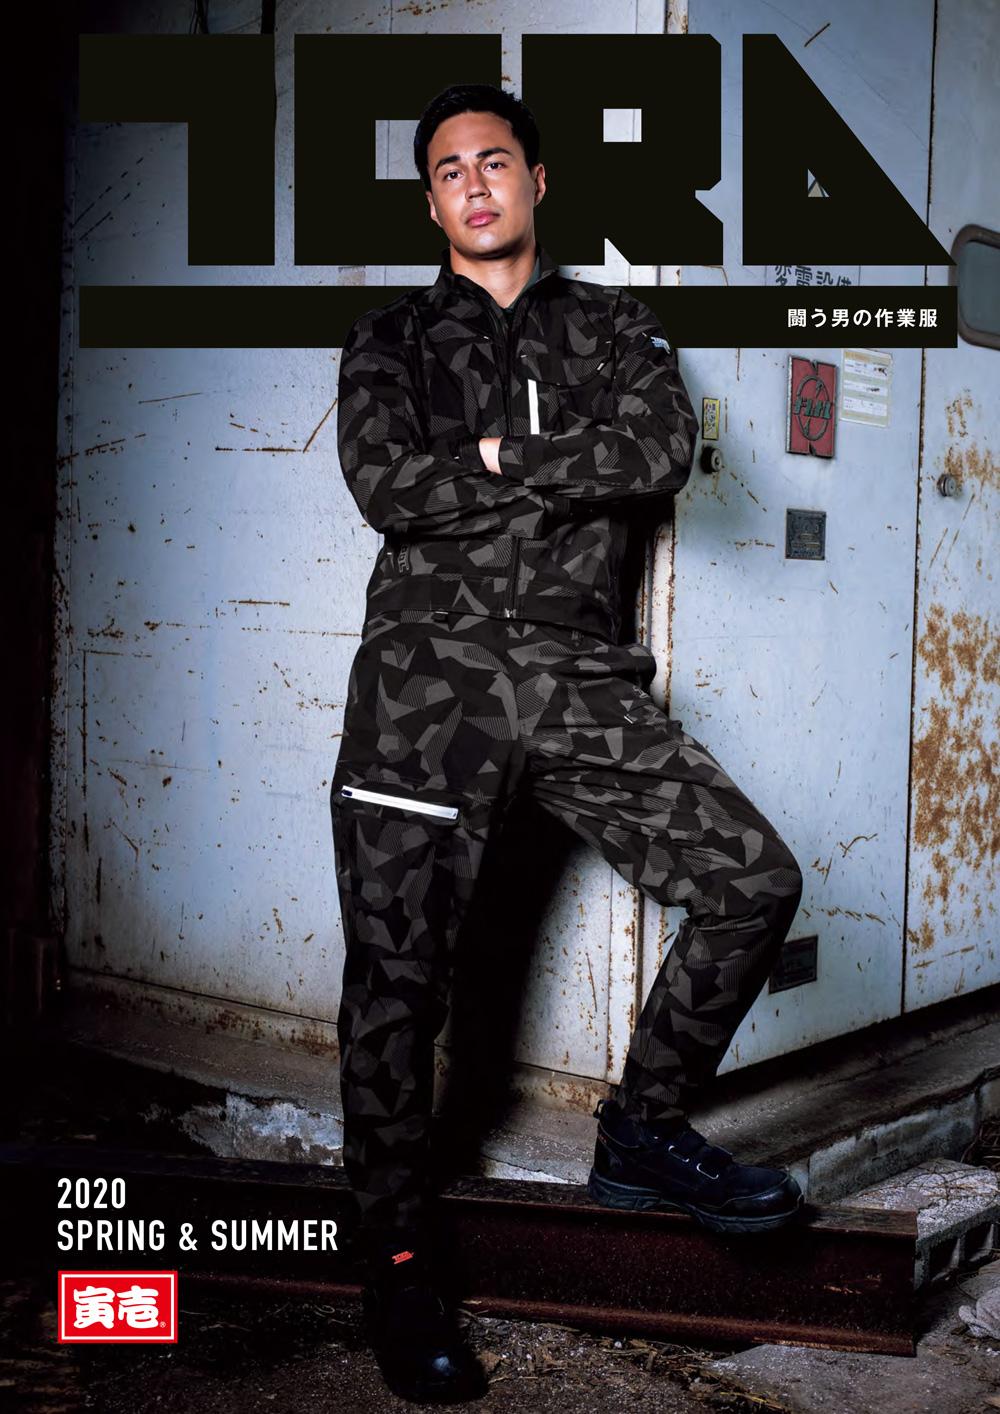 寅壱(TORAICHI)2020年春夏カタログ